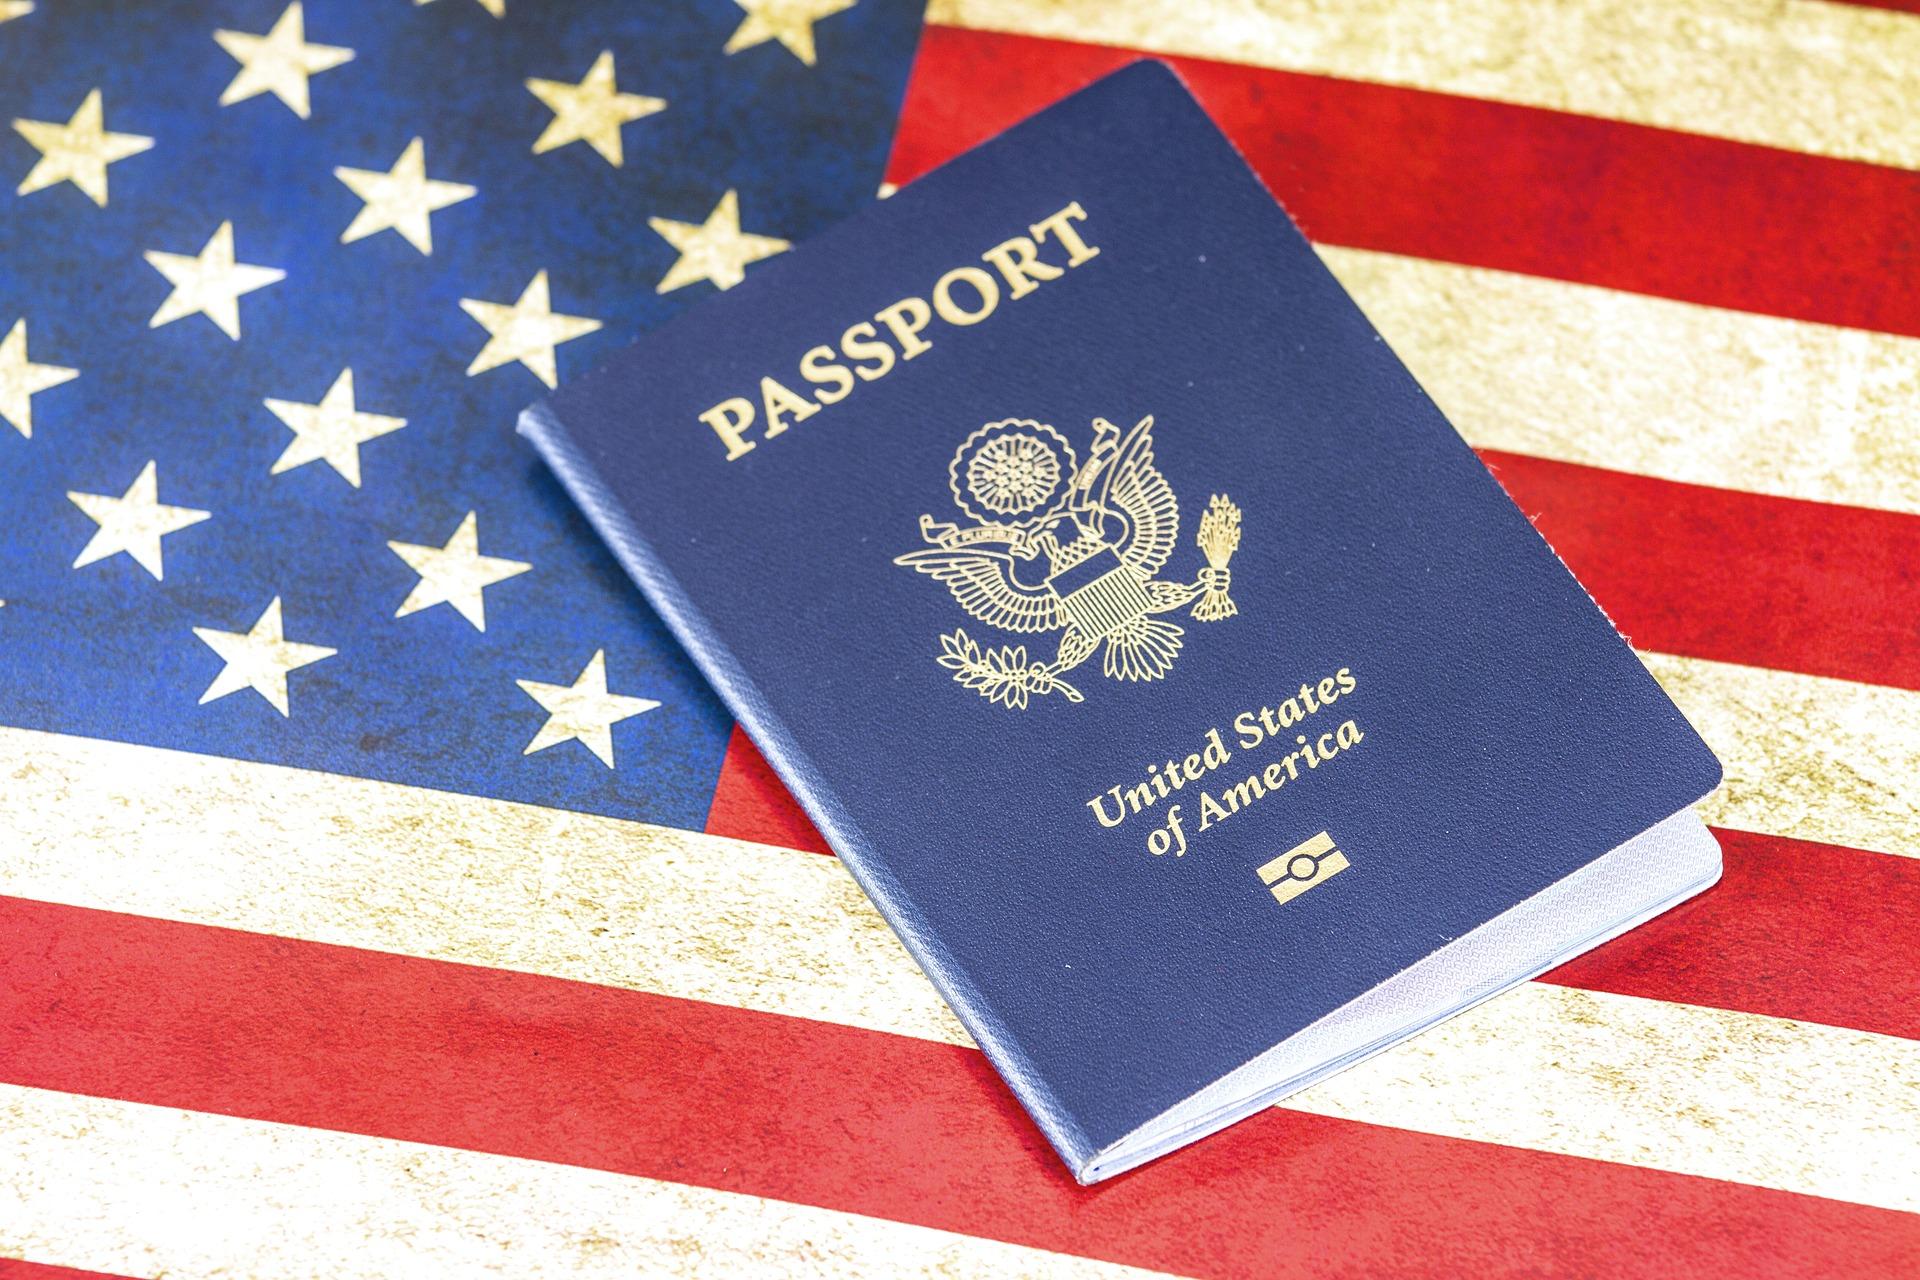 アメリカL2ビザ面接の流れ【英語が話せなくてもビザもらえました】